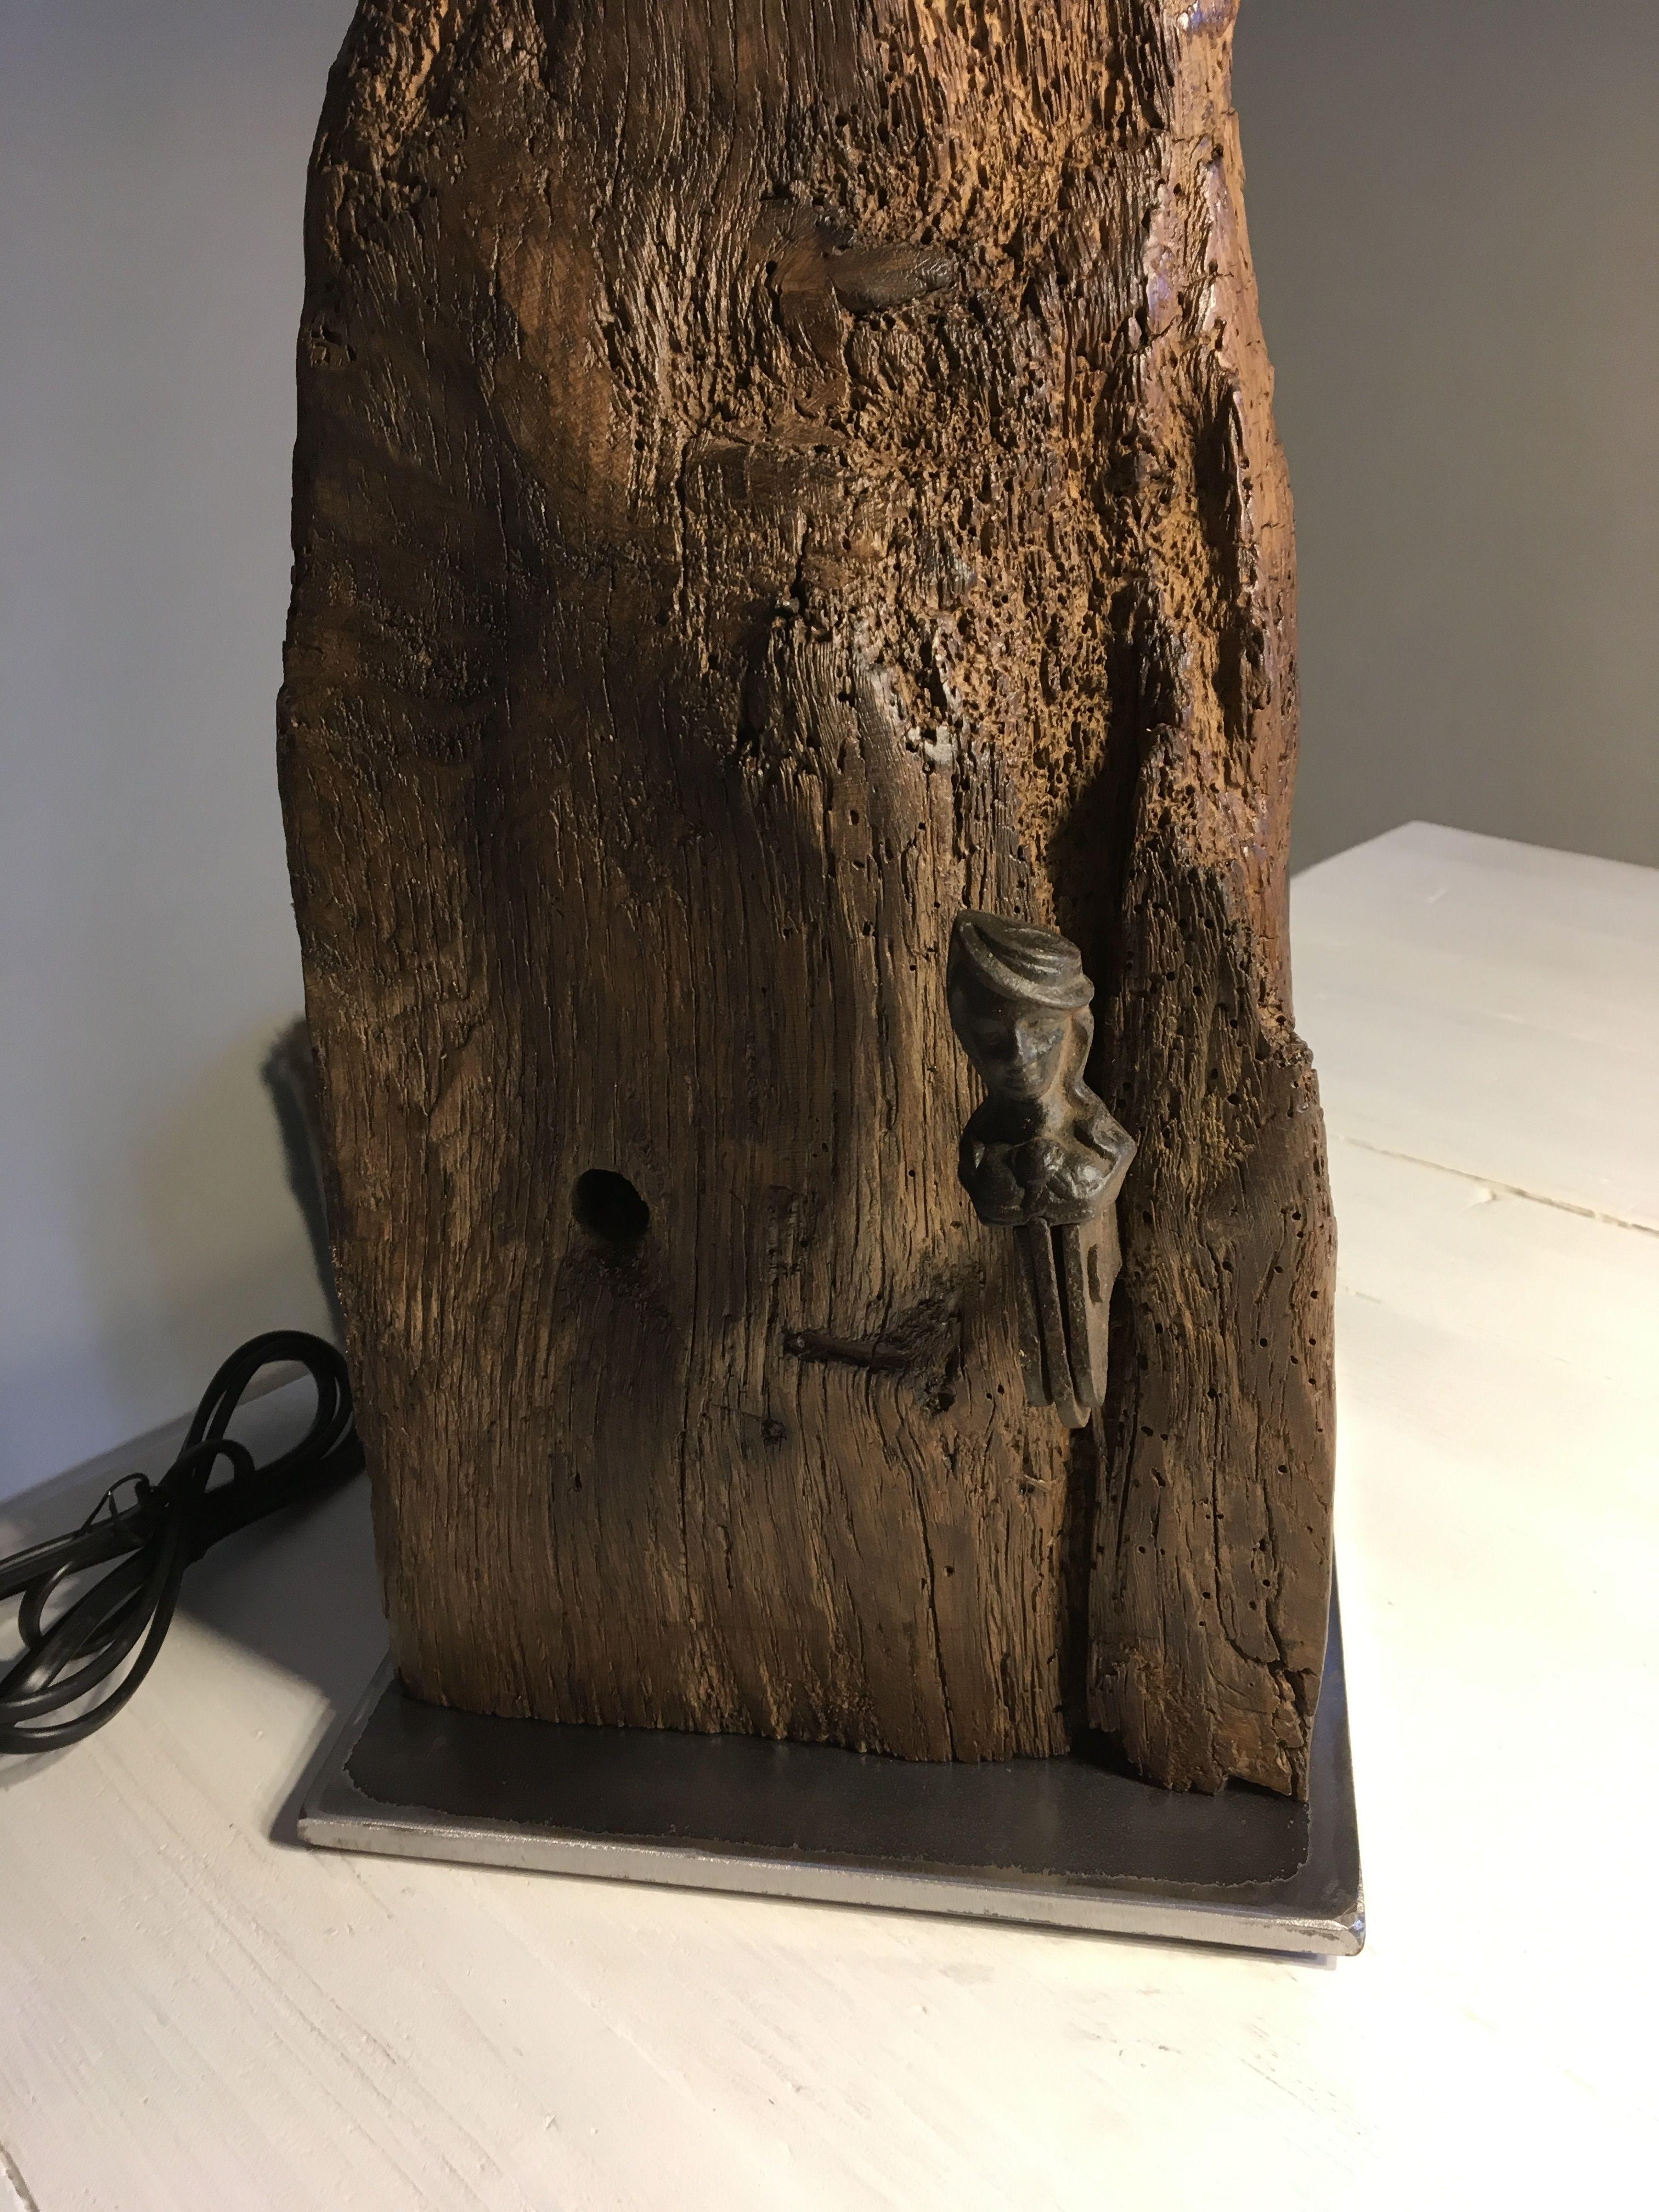 Pin Von Markus Epping Auf Fachwerk Lampen Eichenholz Mit Bildern Eiche Holz Holz Eiche